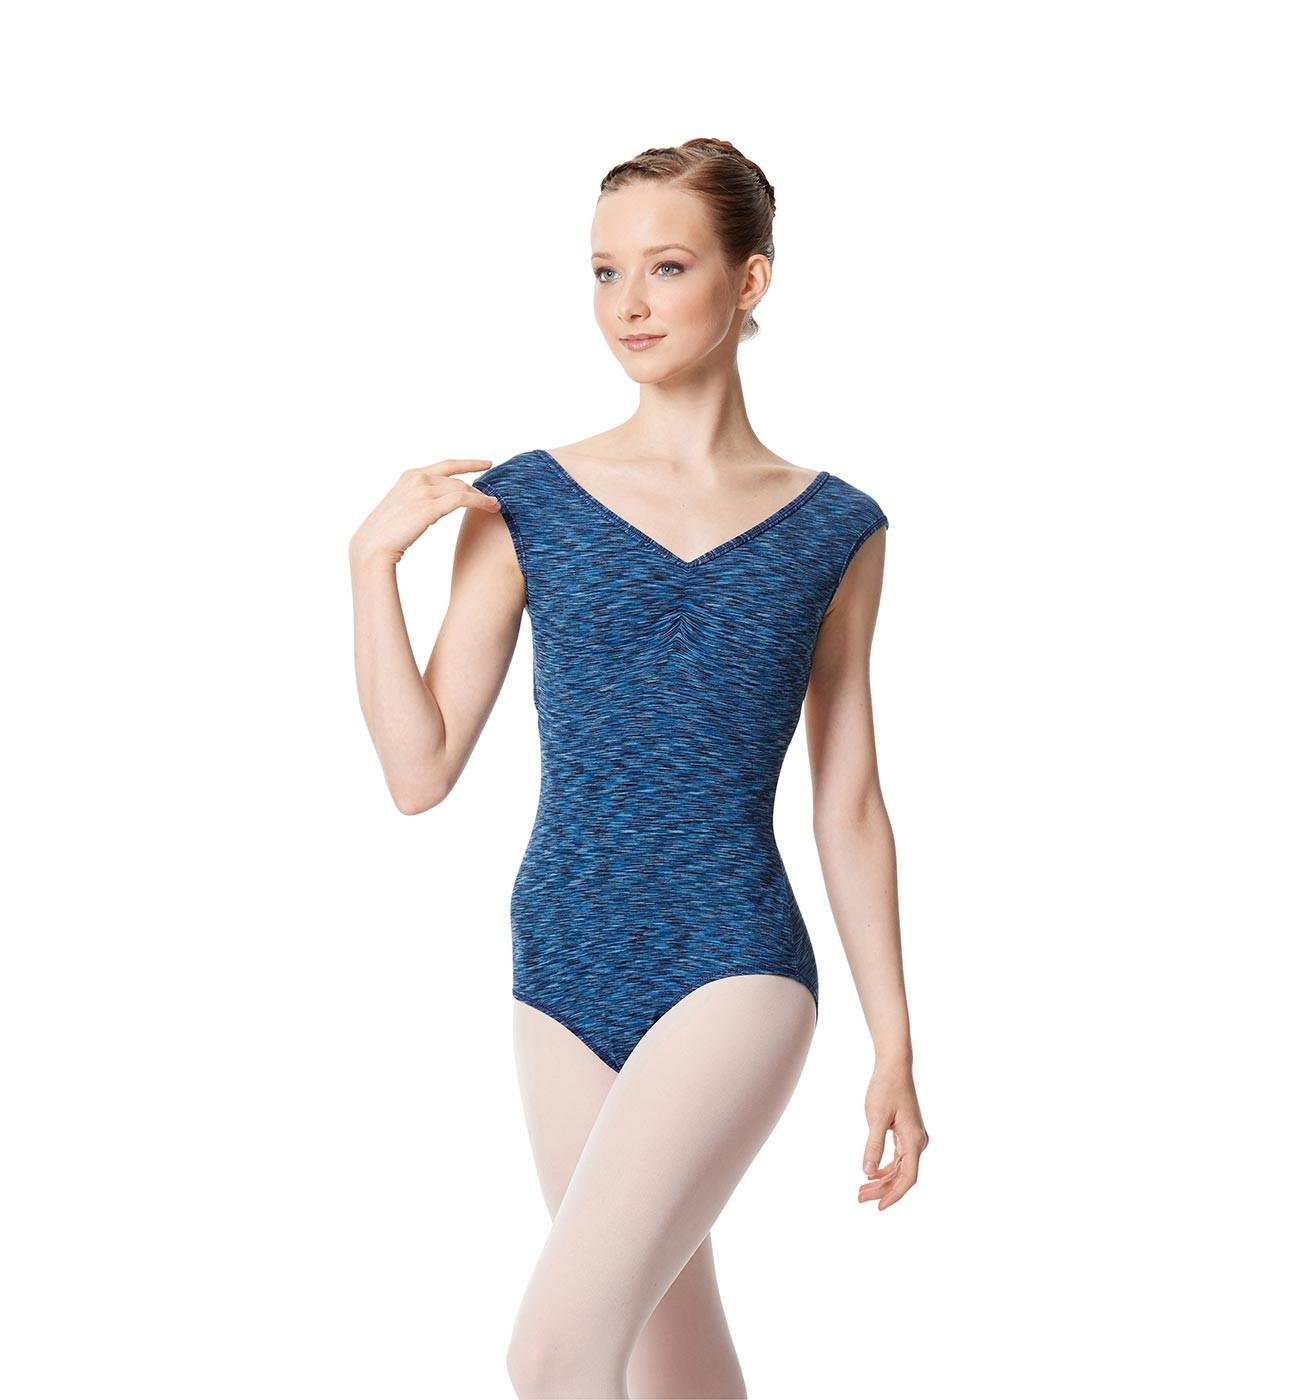 כחול מלאנז' ,XS,'כחול מלאנז,LULLI בגד גוף LUF490